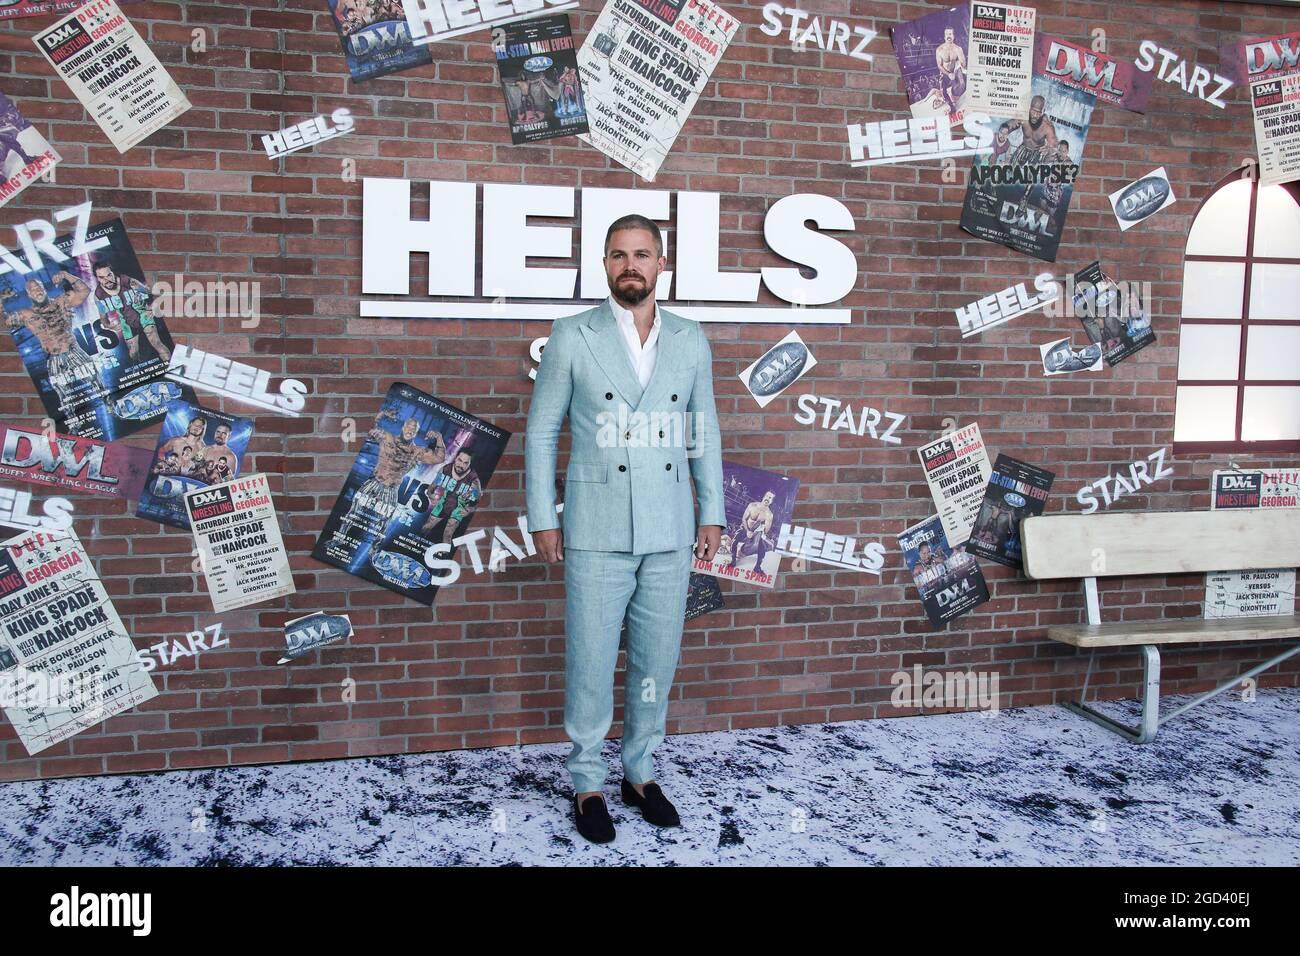 """Los Angeles, Stati Uniti. 10 agosto 2021. LOS ANGELES, CALIFORNIA, USA - 10 AGOSTO: L'attore Stephen Amell che indossa una tuta Giorgio Armani con le scarpe Scarosso arriva alla prima Los Angeles dei """"Heels"""" di STARZ che si è tenuta a 2137 Sacramento Street il 10 agosto 2021 a Los Angeles, California, Stati Uniti. (Foto di Xavier Collin/Image Press Agency) Credit: Image Press Agency/Alamy Live News Foto Stock"""